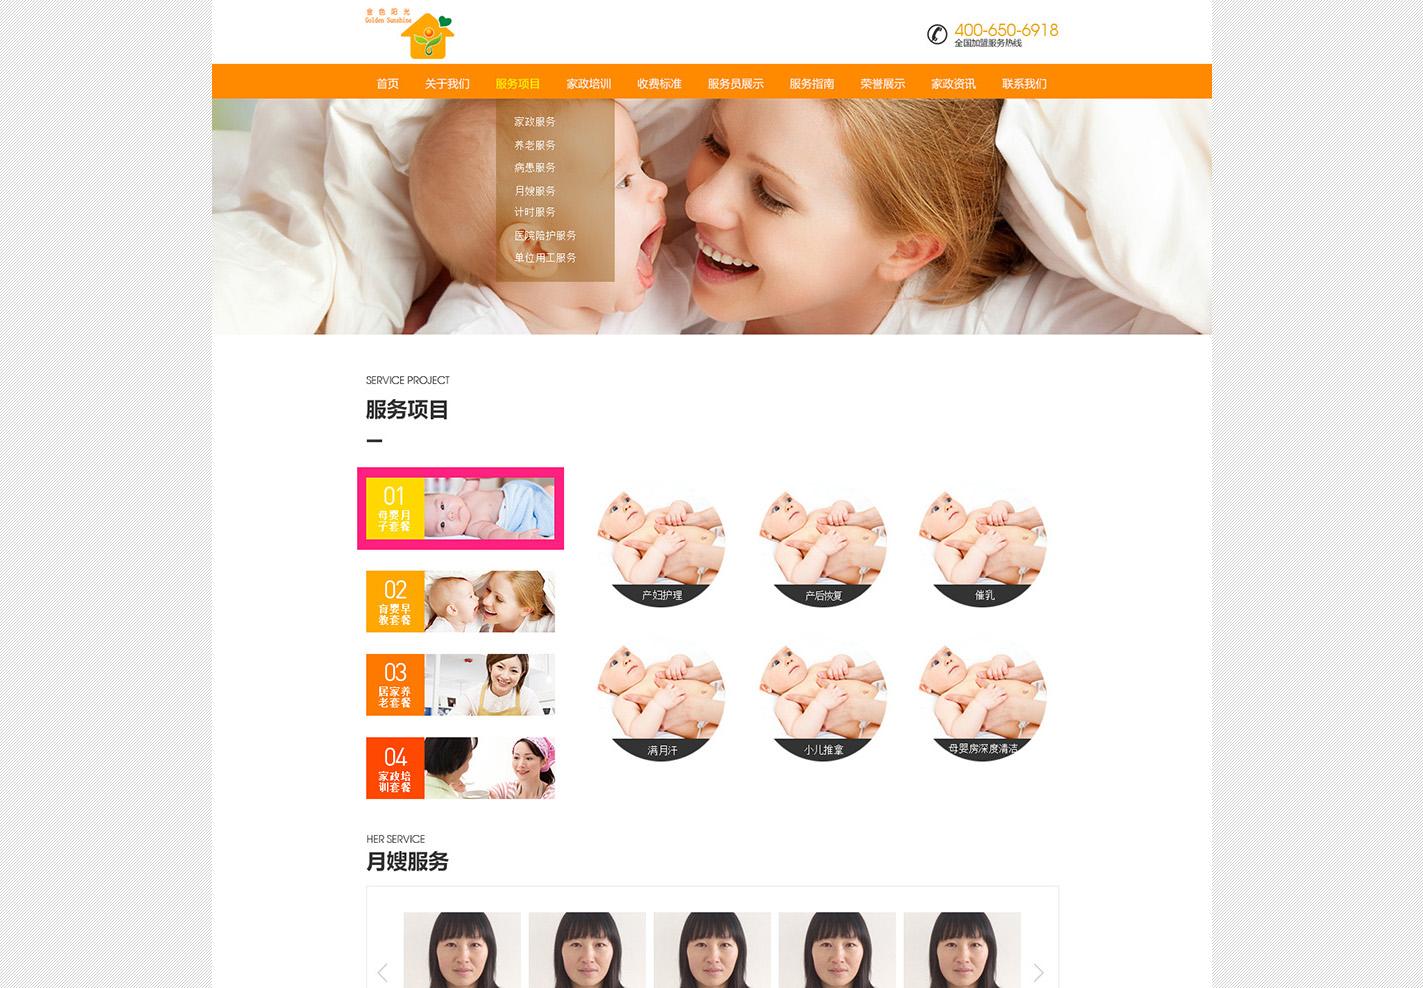 乐虎app官网阳光北亚家政服务有限公司